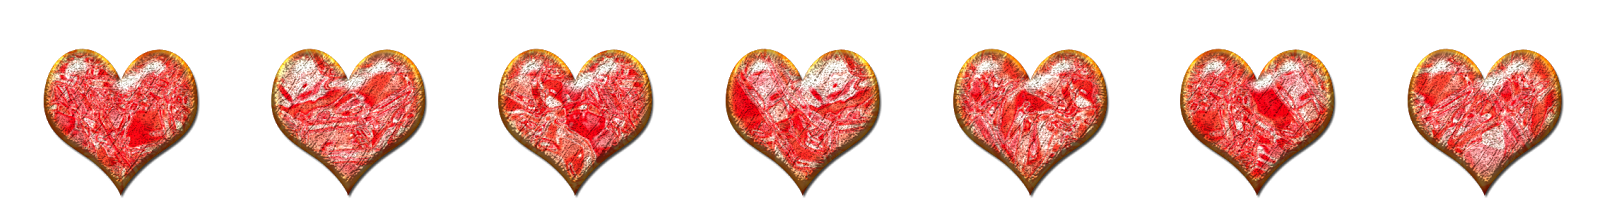 row of hearts copy